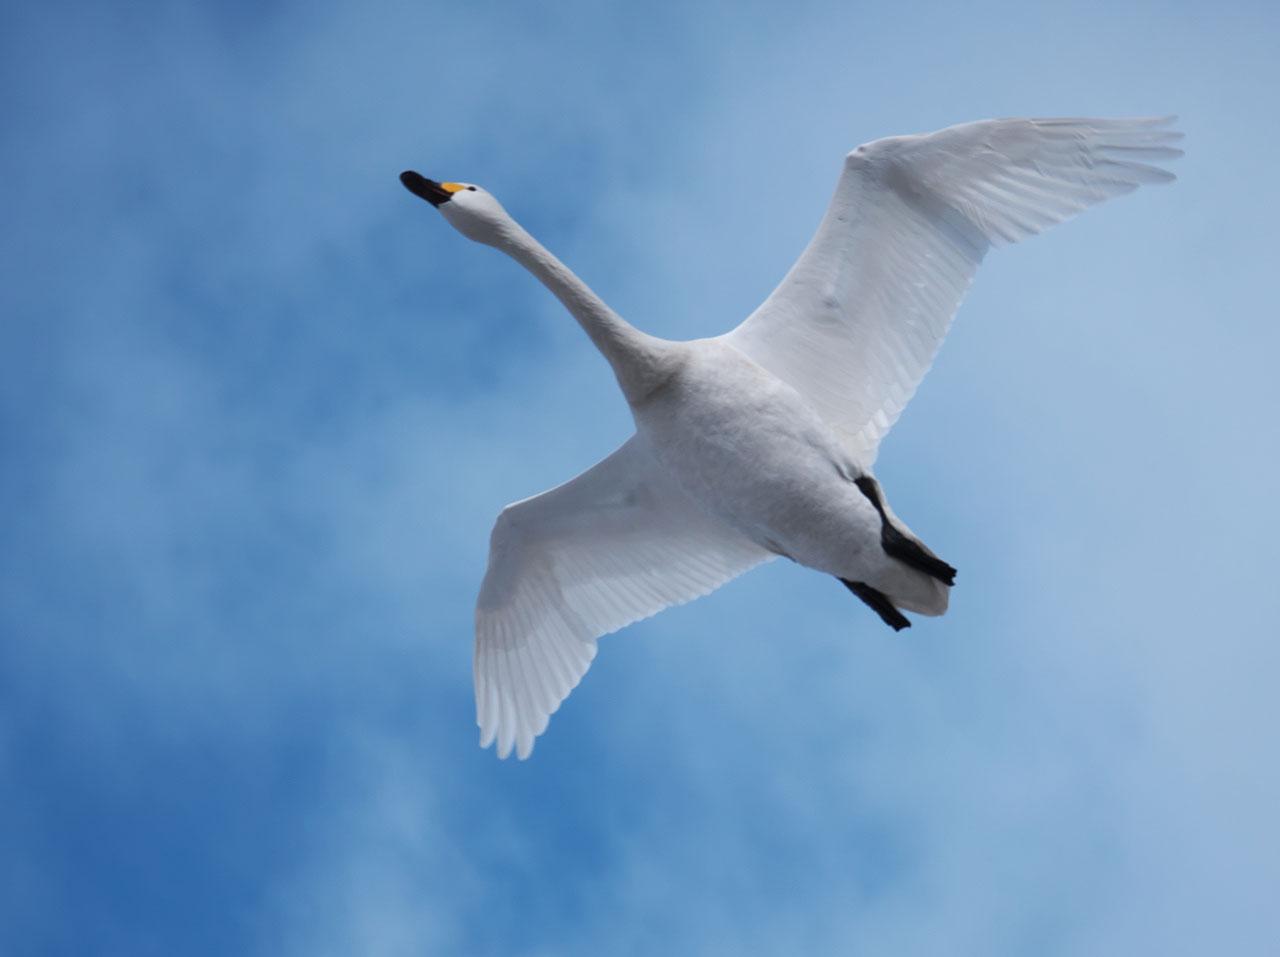 瓢湖の白鳥4:LUMIX DMC-G99+LEICA DG VARIO-ELMAR 100-400mm/F4.0-6.3 ASPH./POWER O.I.S. H-RS100400